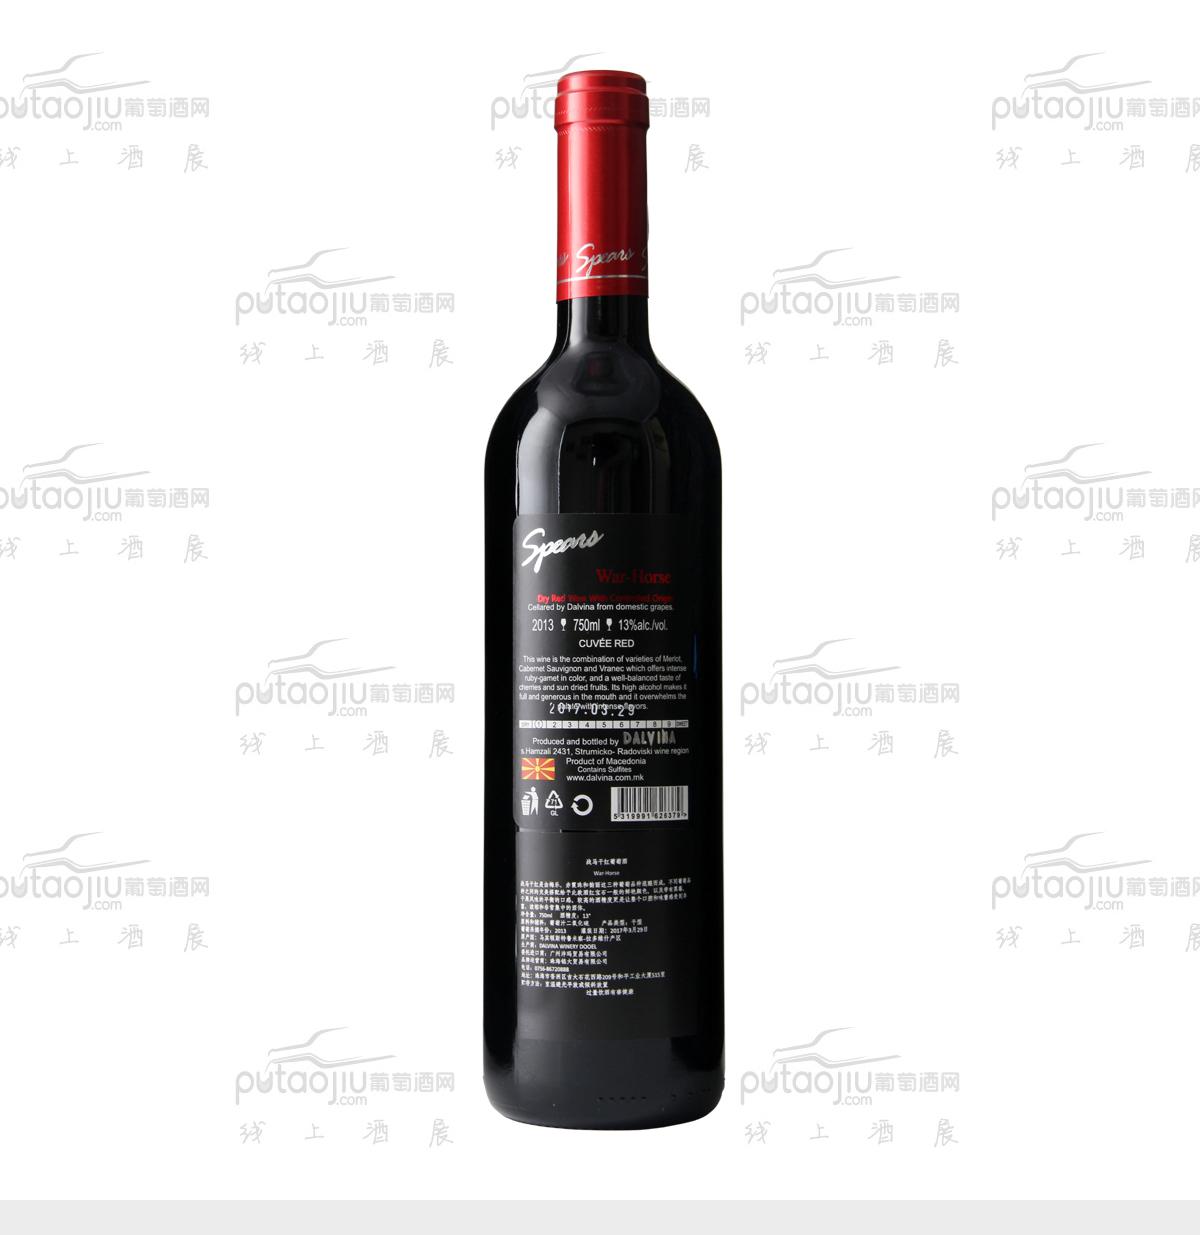 老树干红葡萄酒